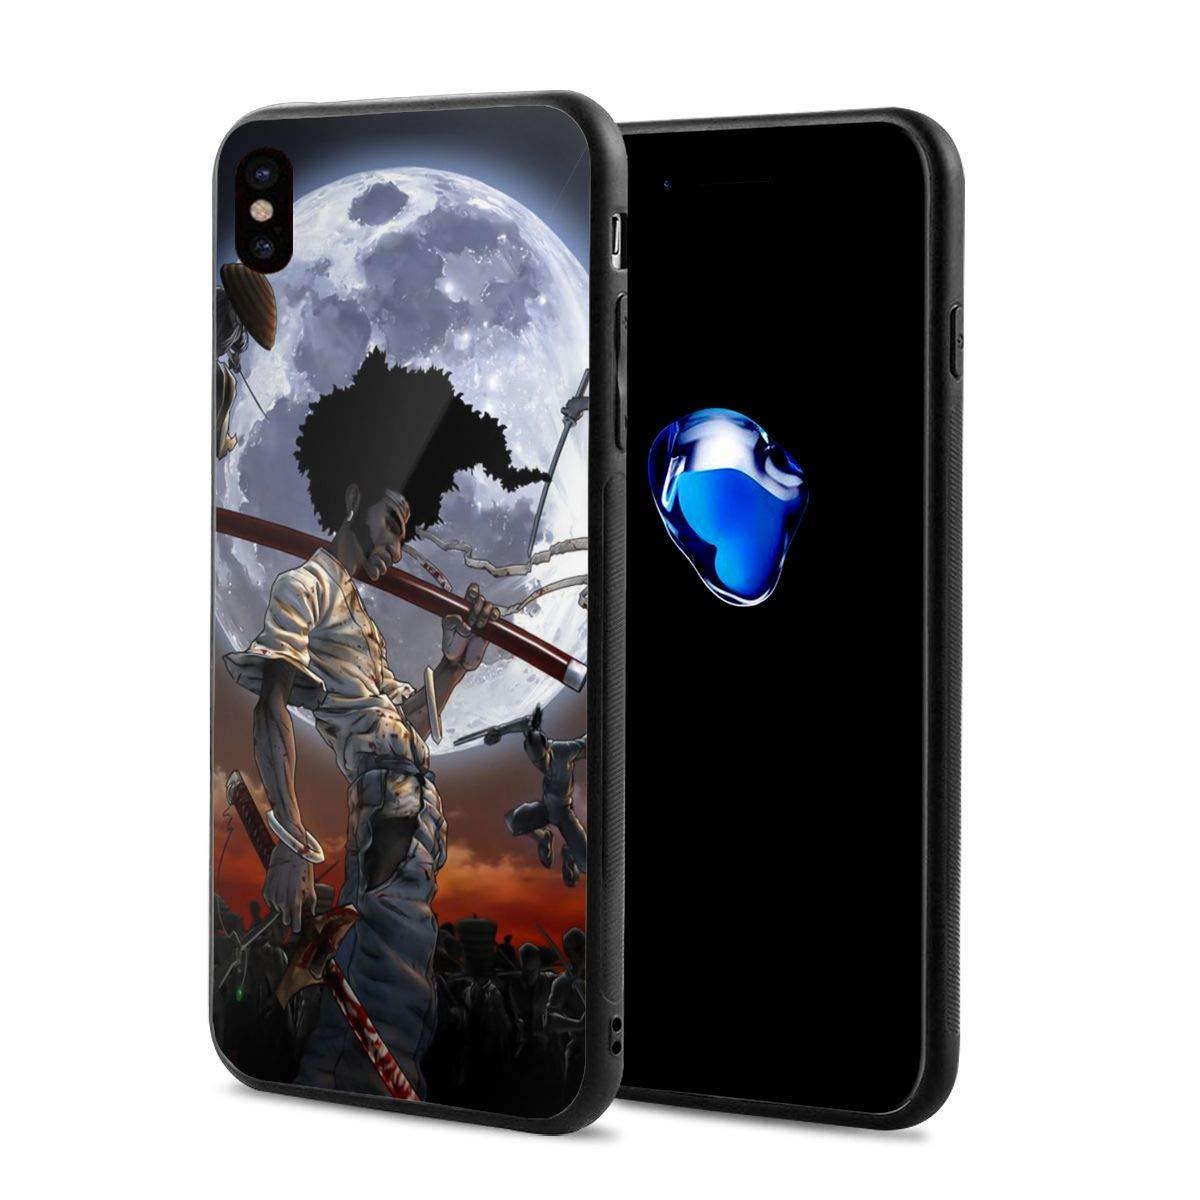 Amazon.com: iPhone X/Xs Case 5.8